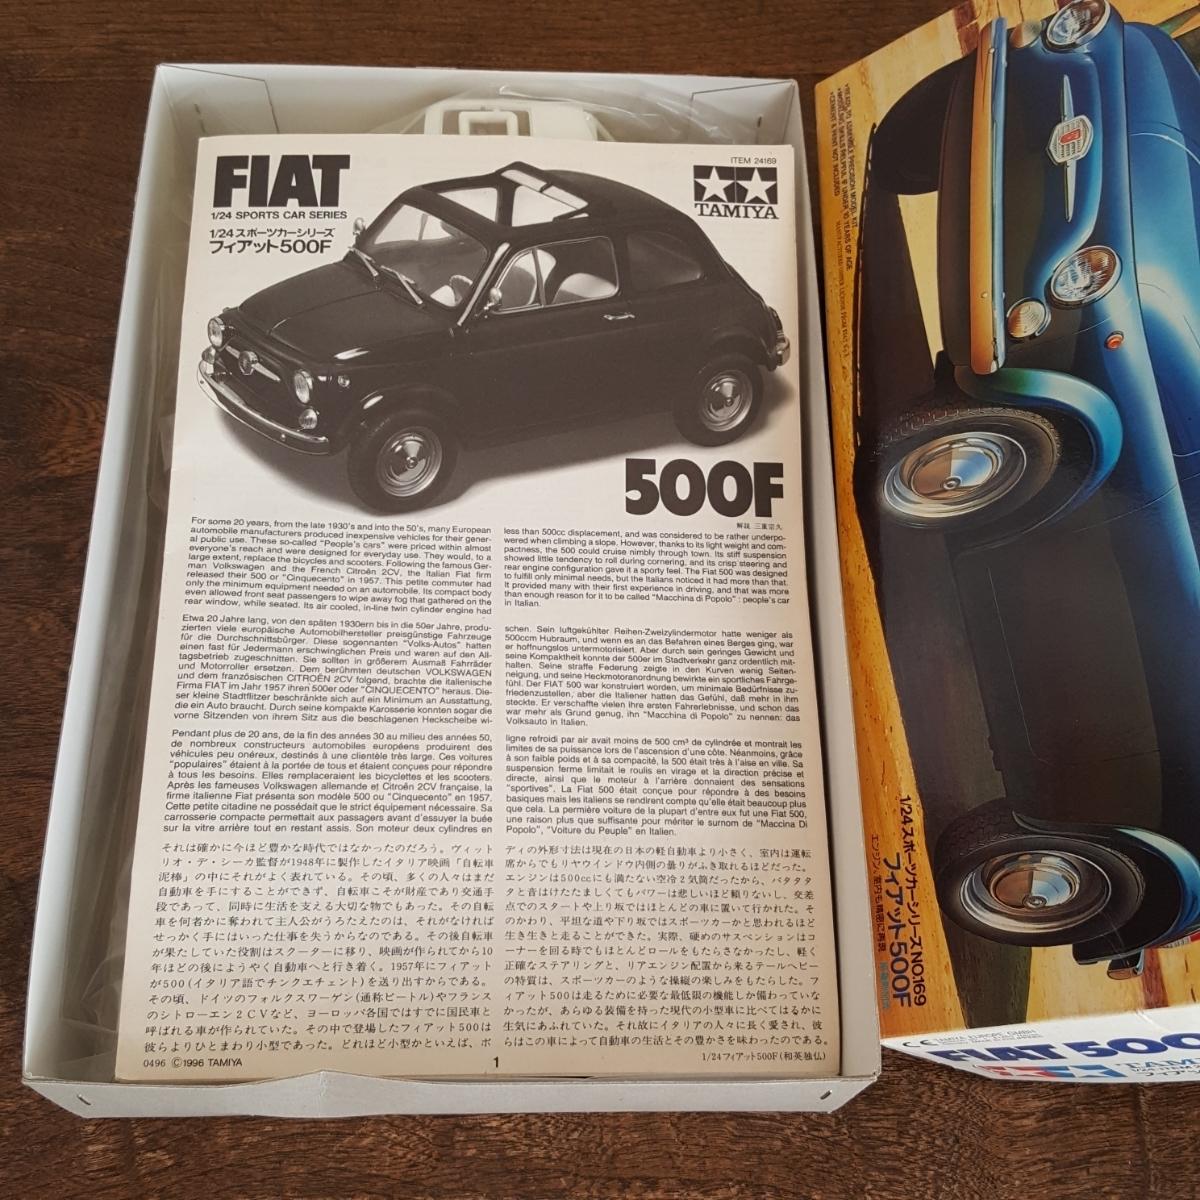 蔵出 未組立 長期保管品 1/24 TAMIYA フィアット 500F スポーツカー シリーズ FIAT タミヤ 田宮 模型 レトロ ヴィンテージ プラモデル 玩具_画像5